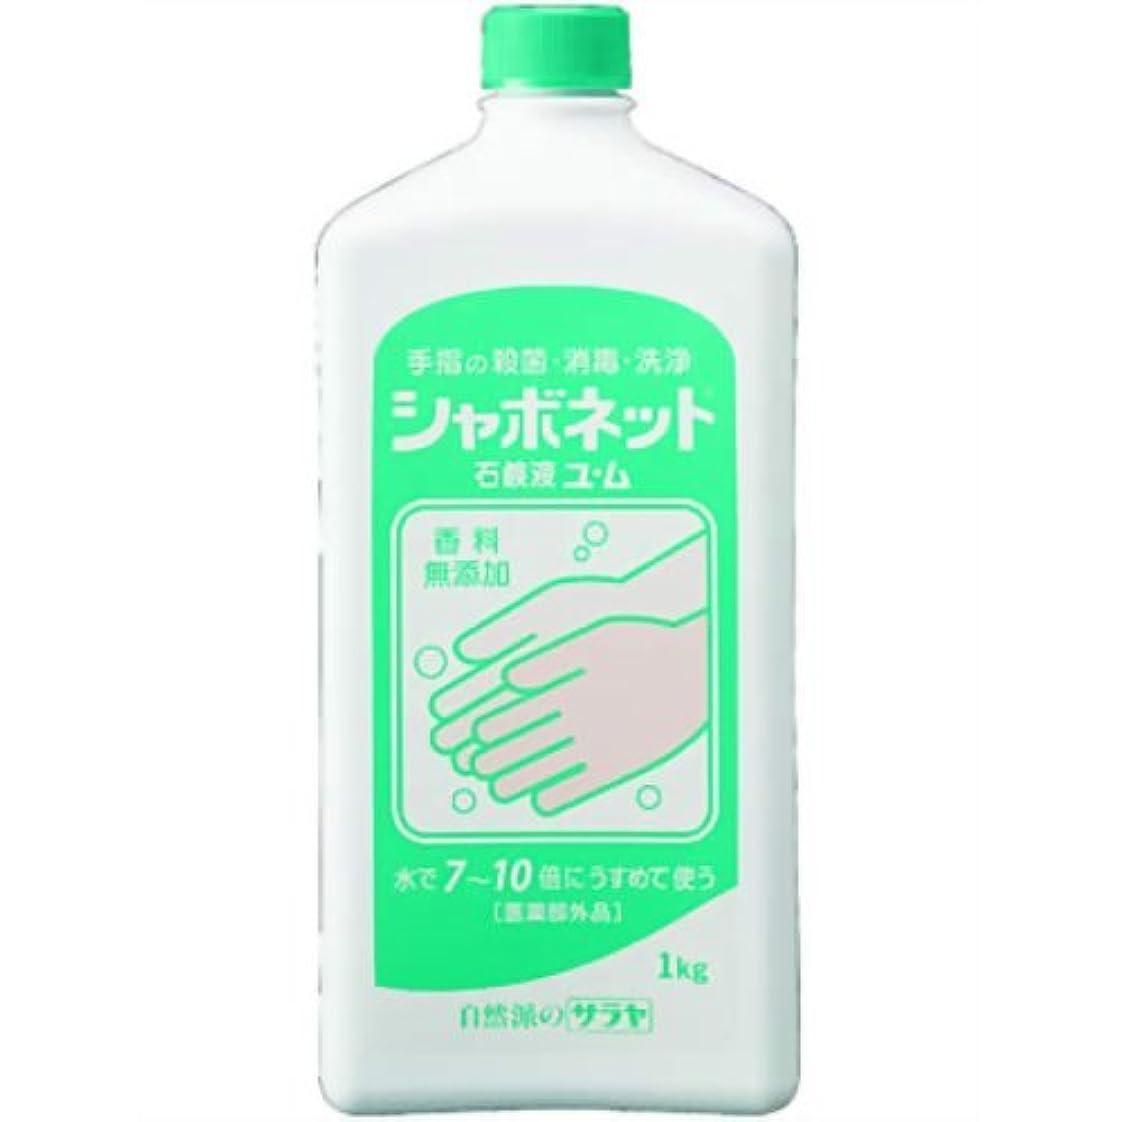 ディスカウントインディカ強化するシャボネット石鹸液ユ?ム 1kg